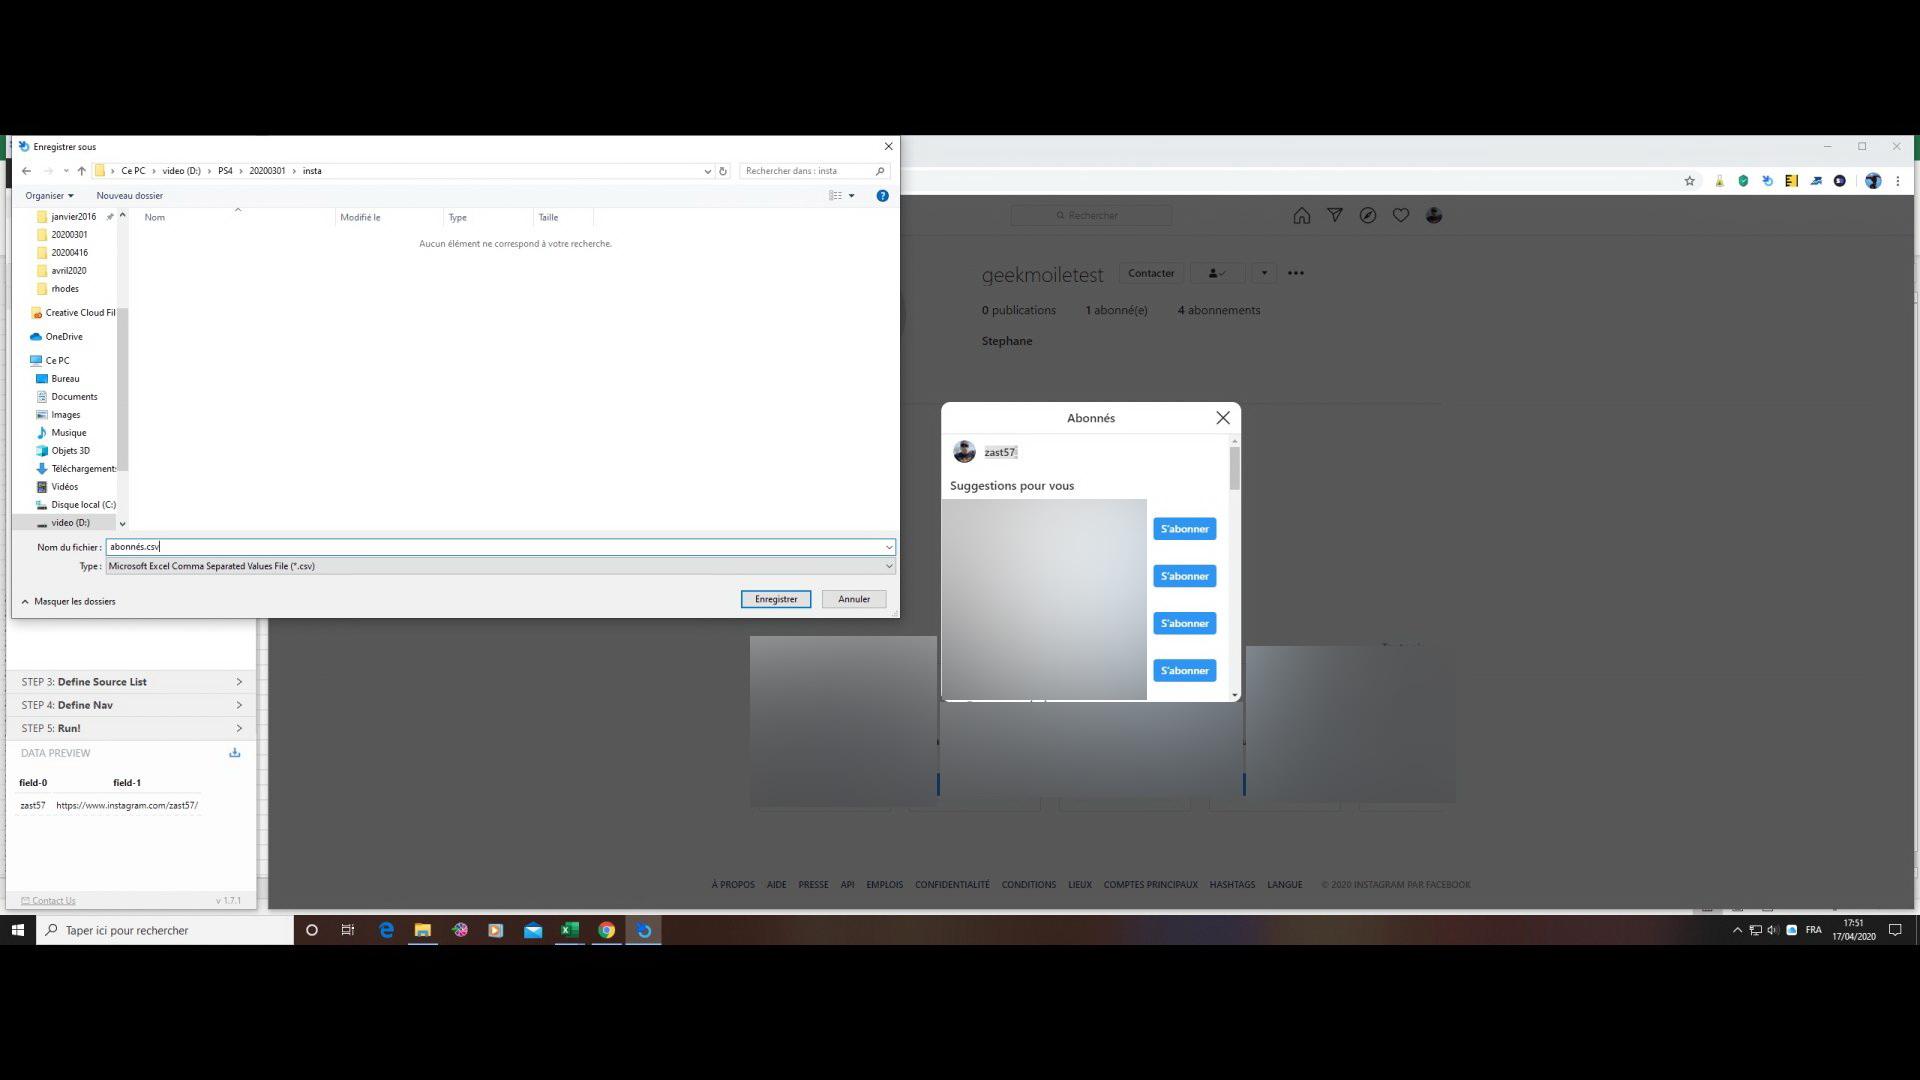 créer fichier csv des abonnés intagram